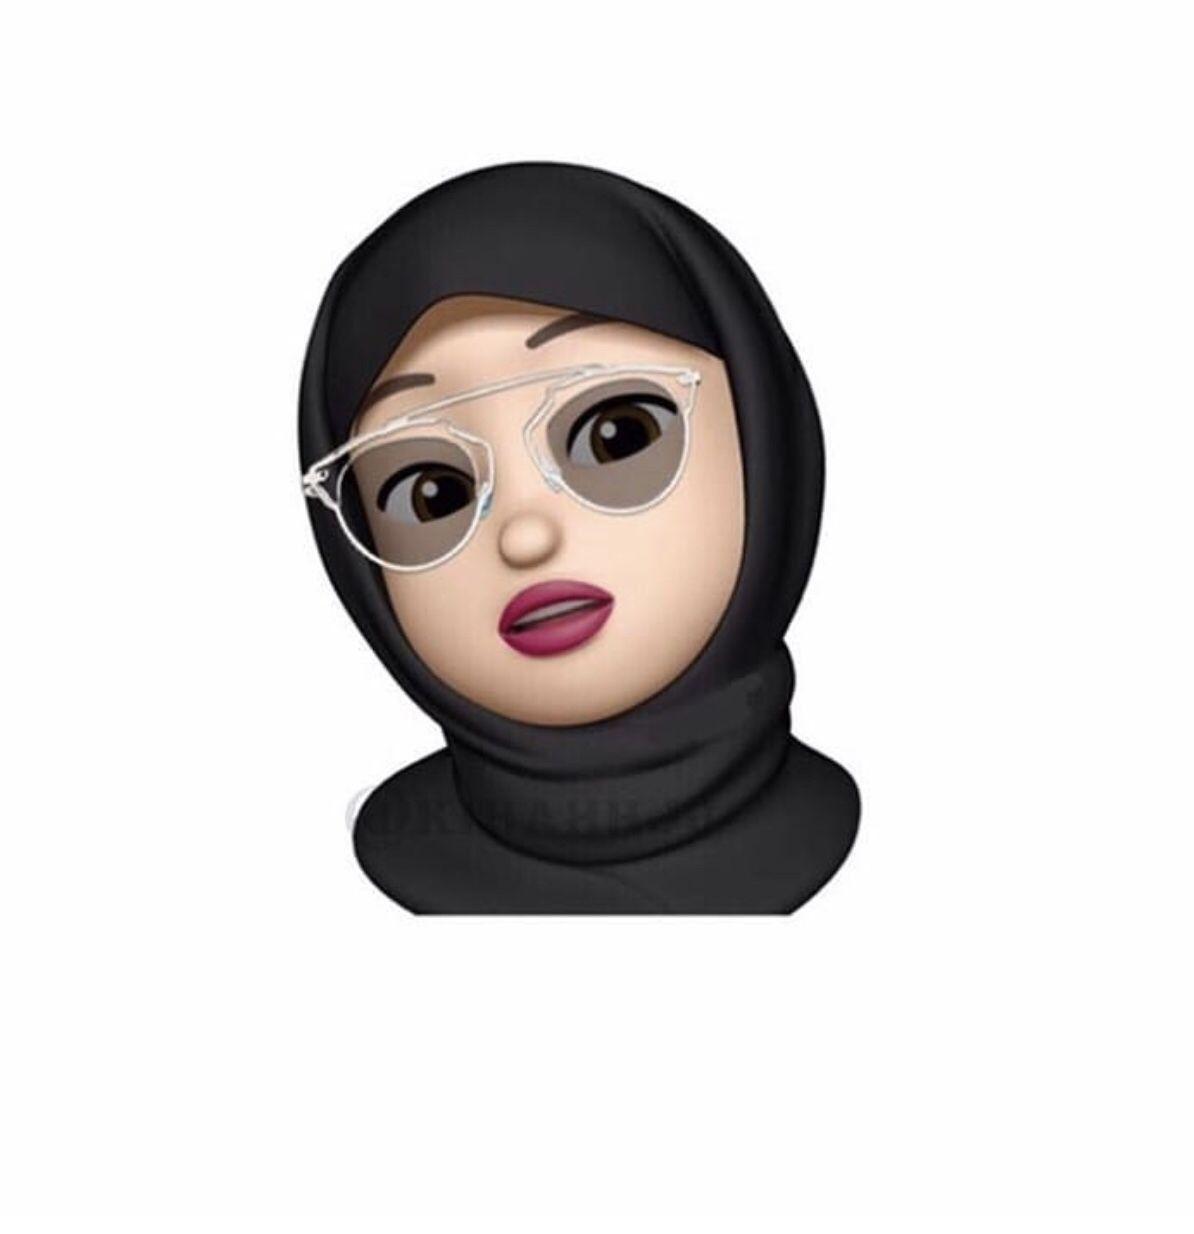 Pin Oleh Sinthia Stevani Di Anime Muslimah Dengan Gambar